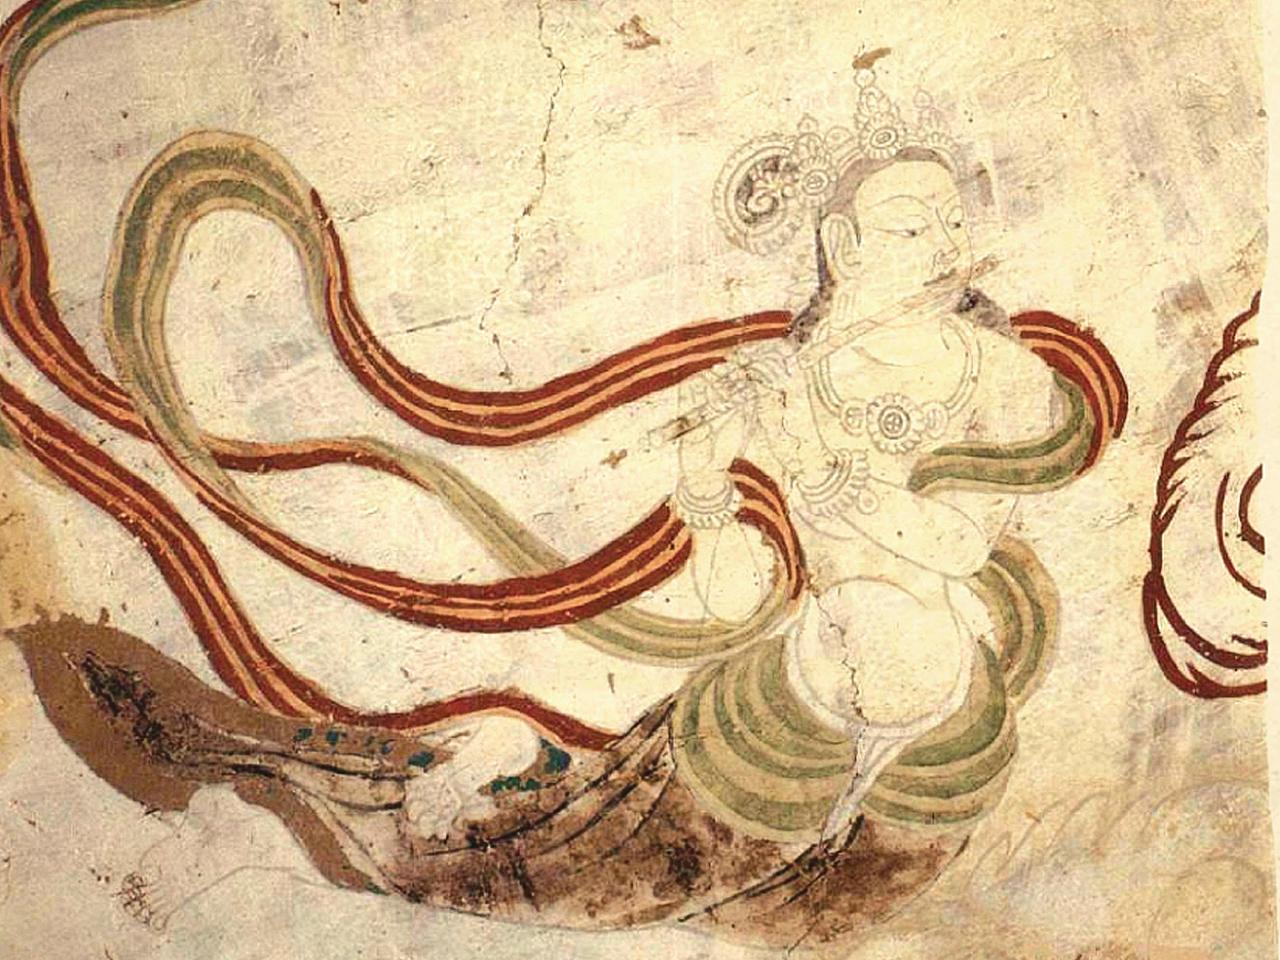 壁画 动物 蛇 1280_960